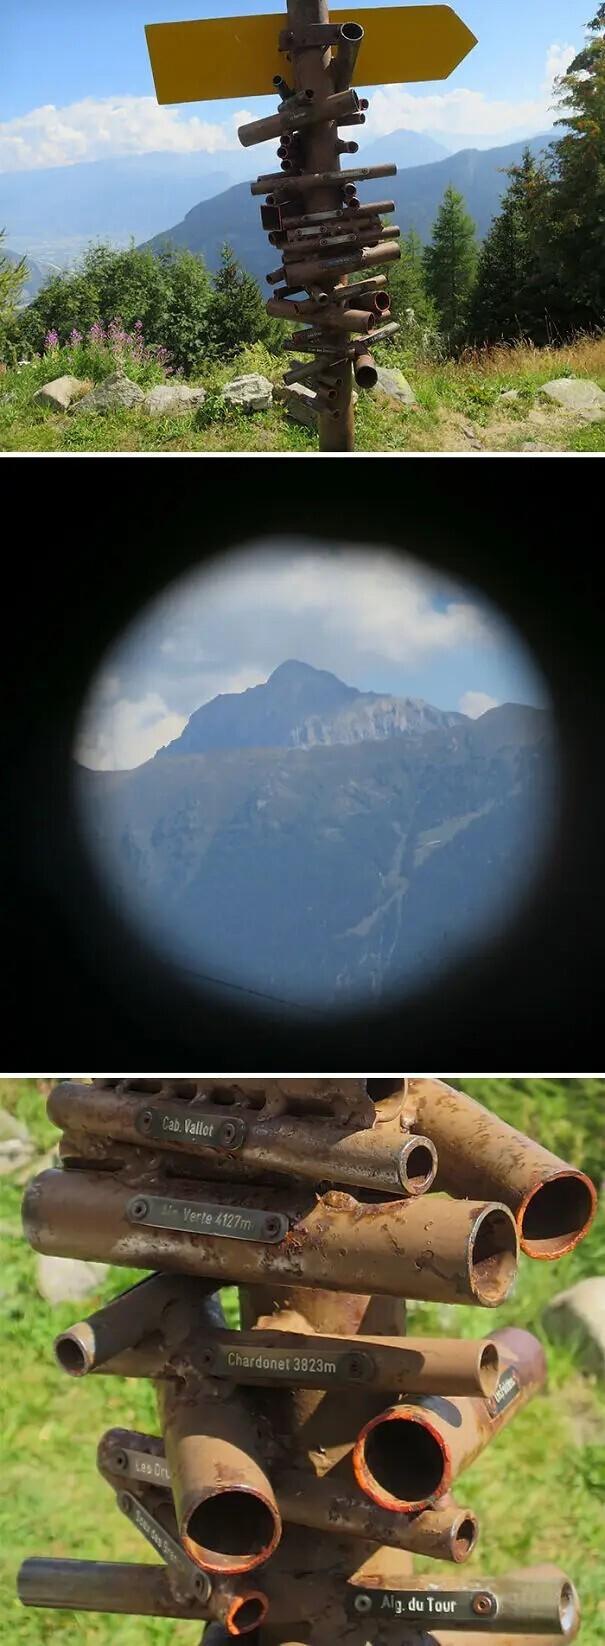 Столб с небольшими трубами, сквозь каждую из которых можно увидеть все пики Альпийских гор.